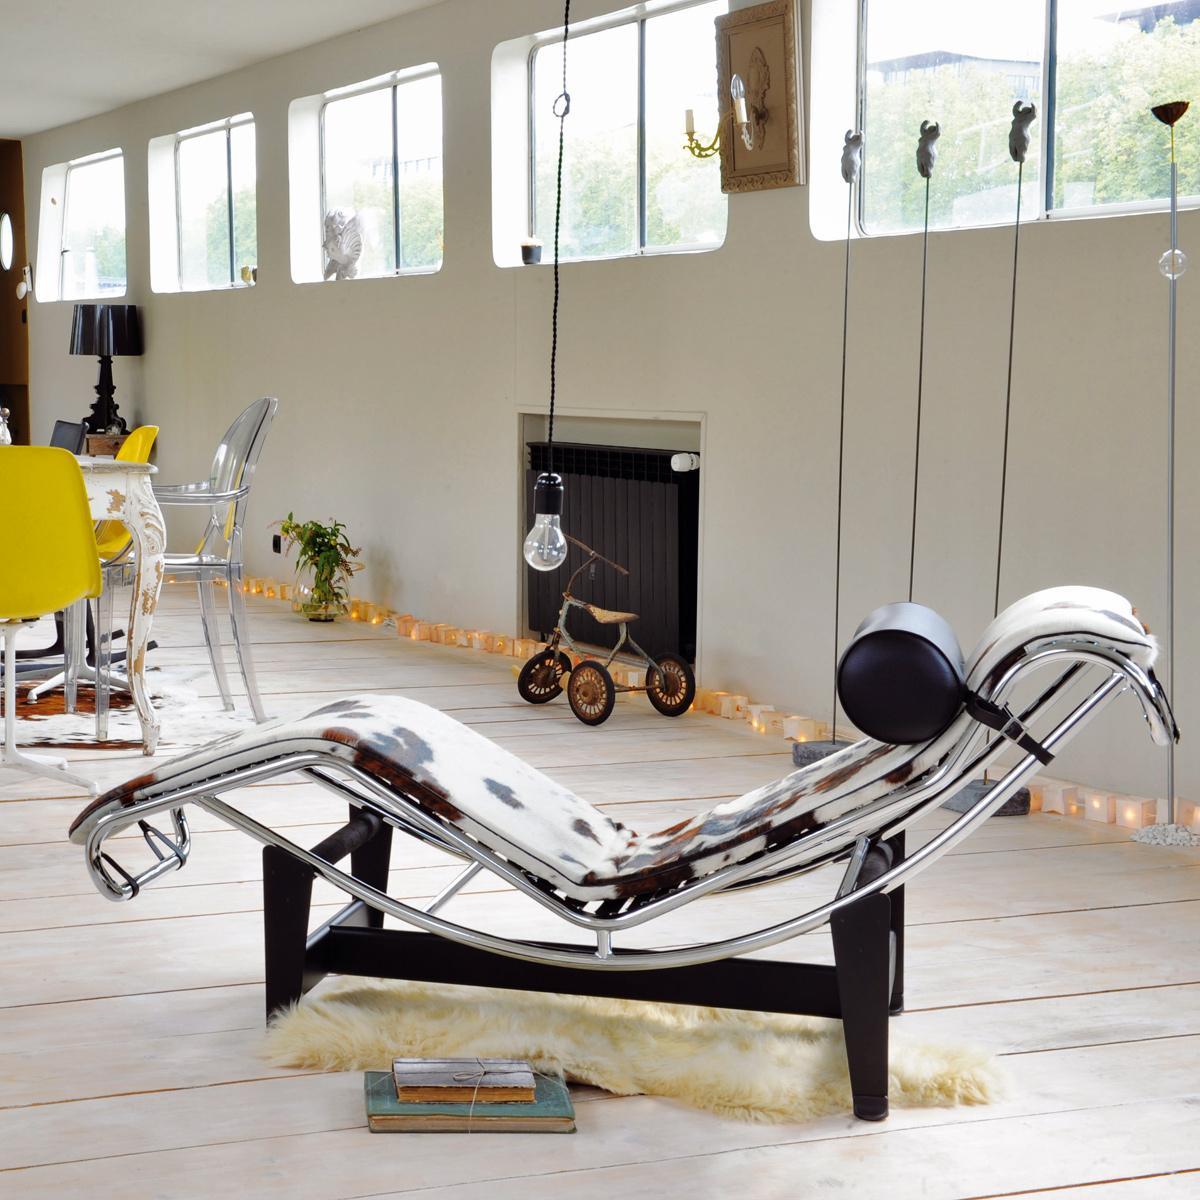 Hoy hace 50 años que nos dejó #LeCorbusier. Nos quedamos con su mítica chaise longue LC4. http://t.co/OOJeSOjd9Z